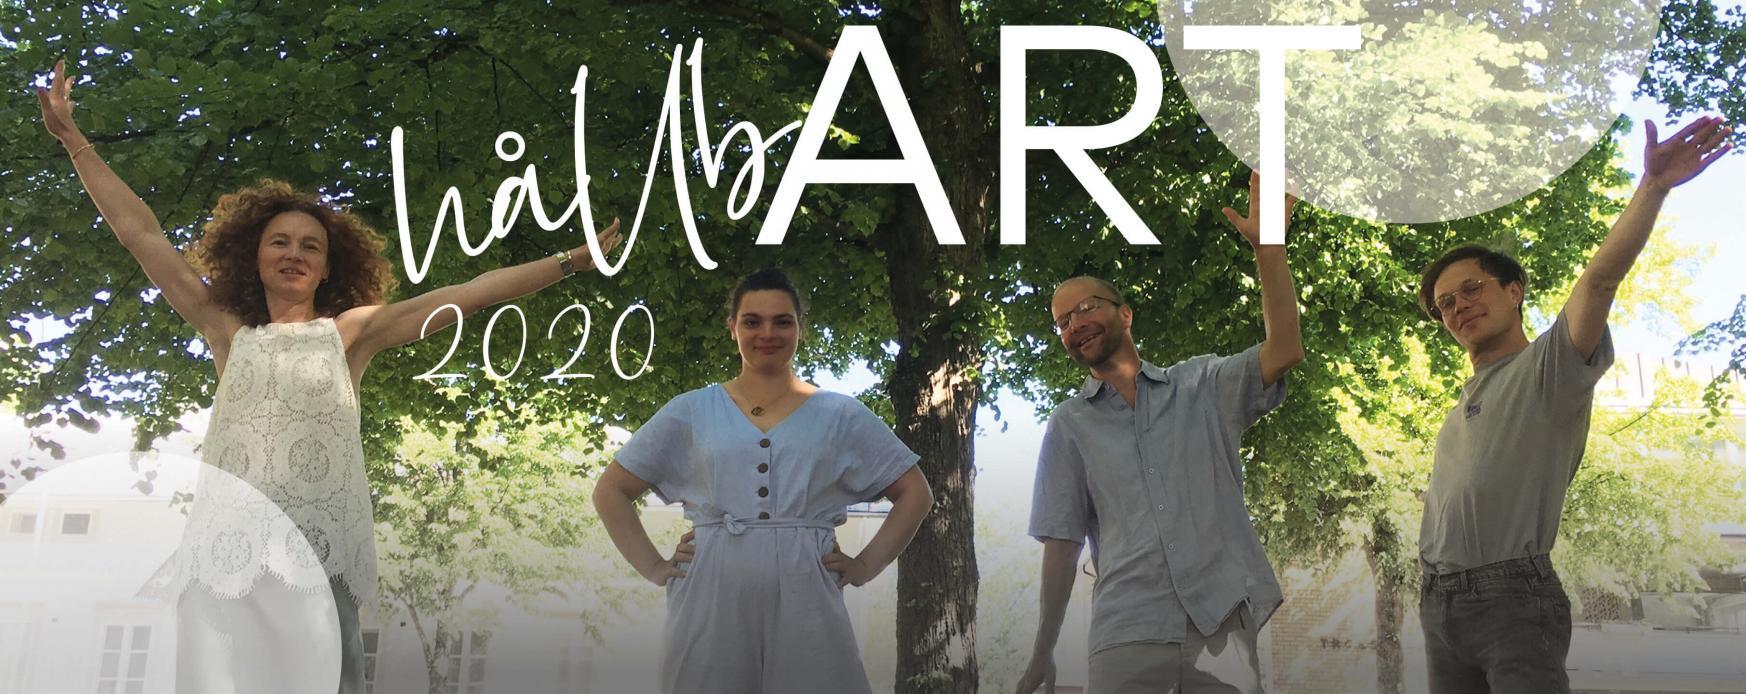 På bild ses några av de artister och konstnärer som vi får uppleva under hållbART 2020.